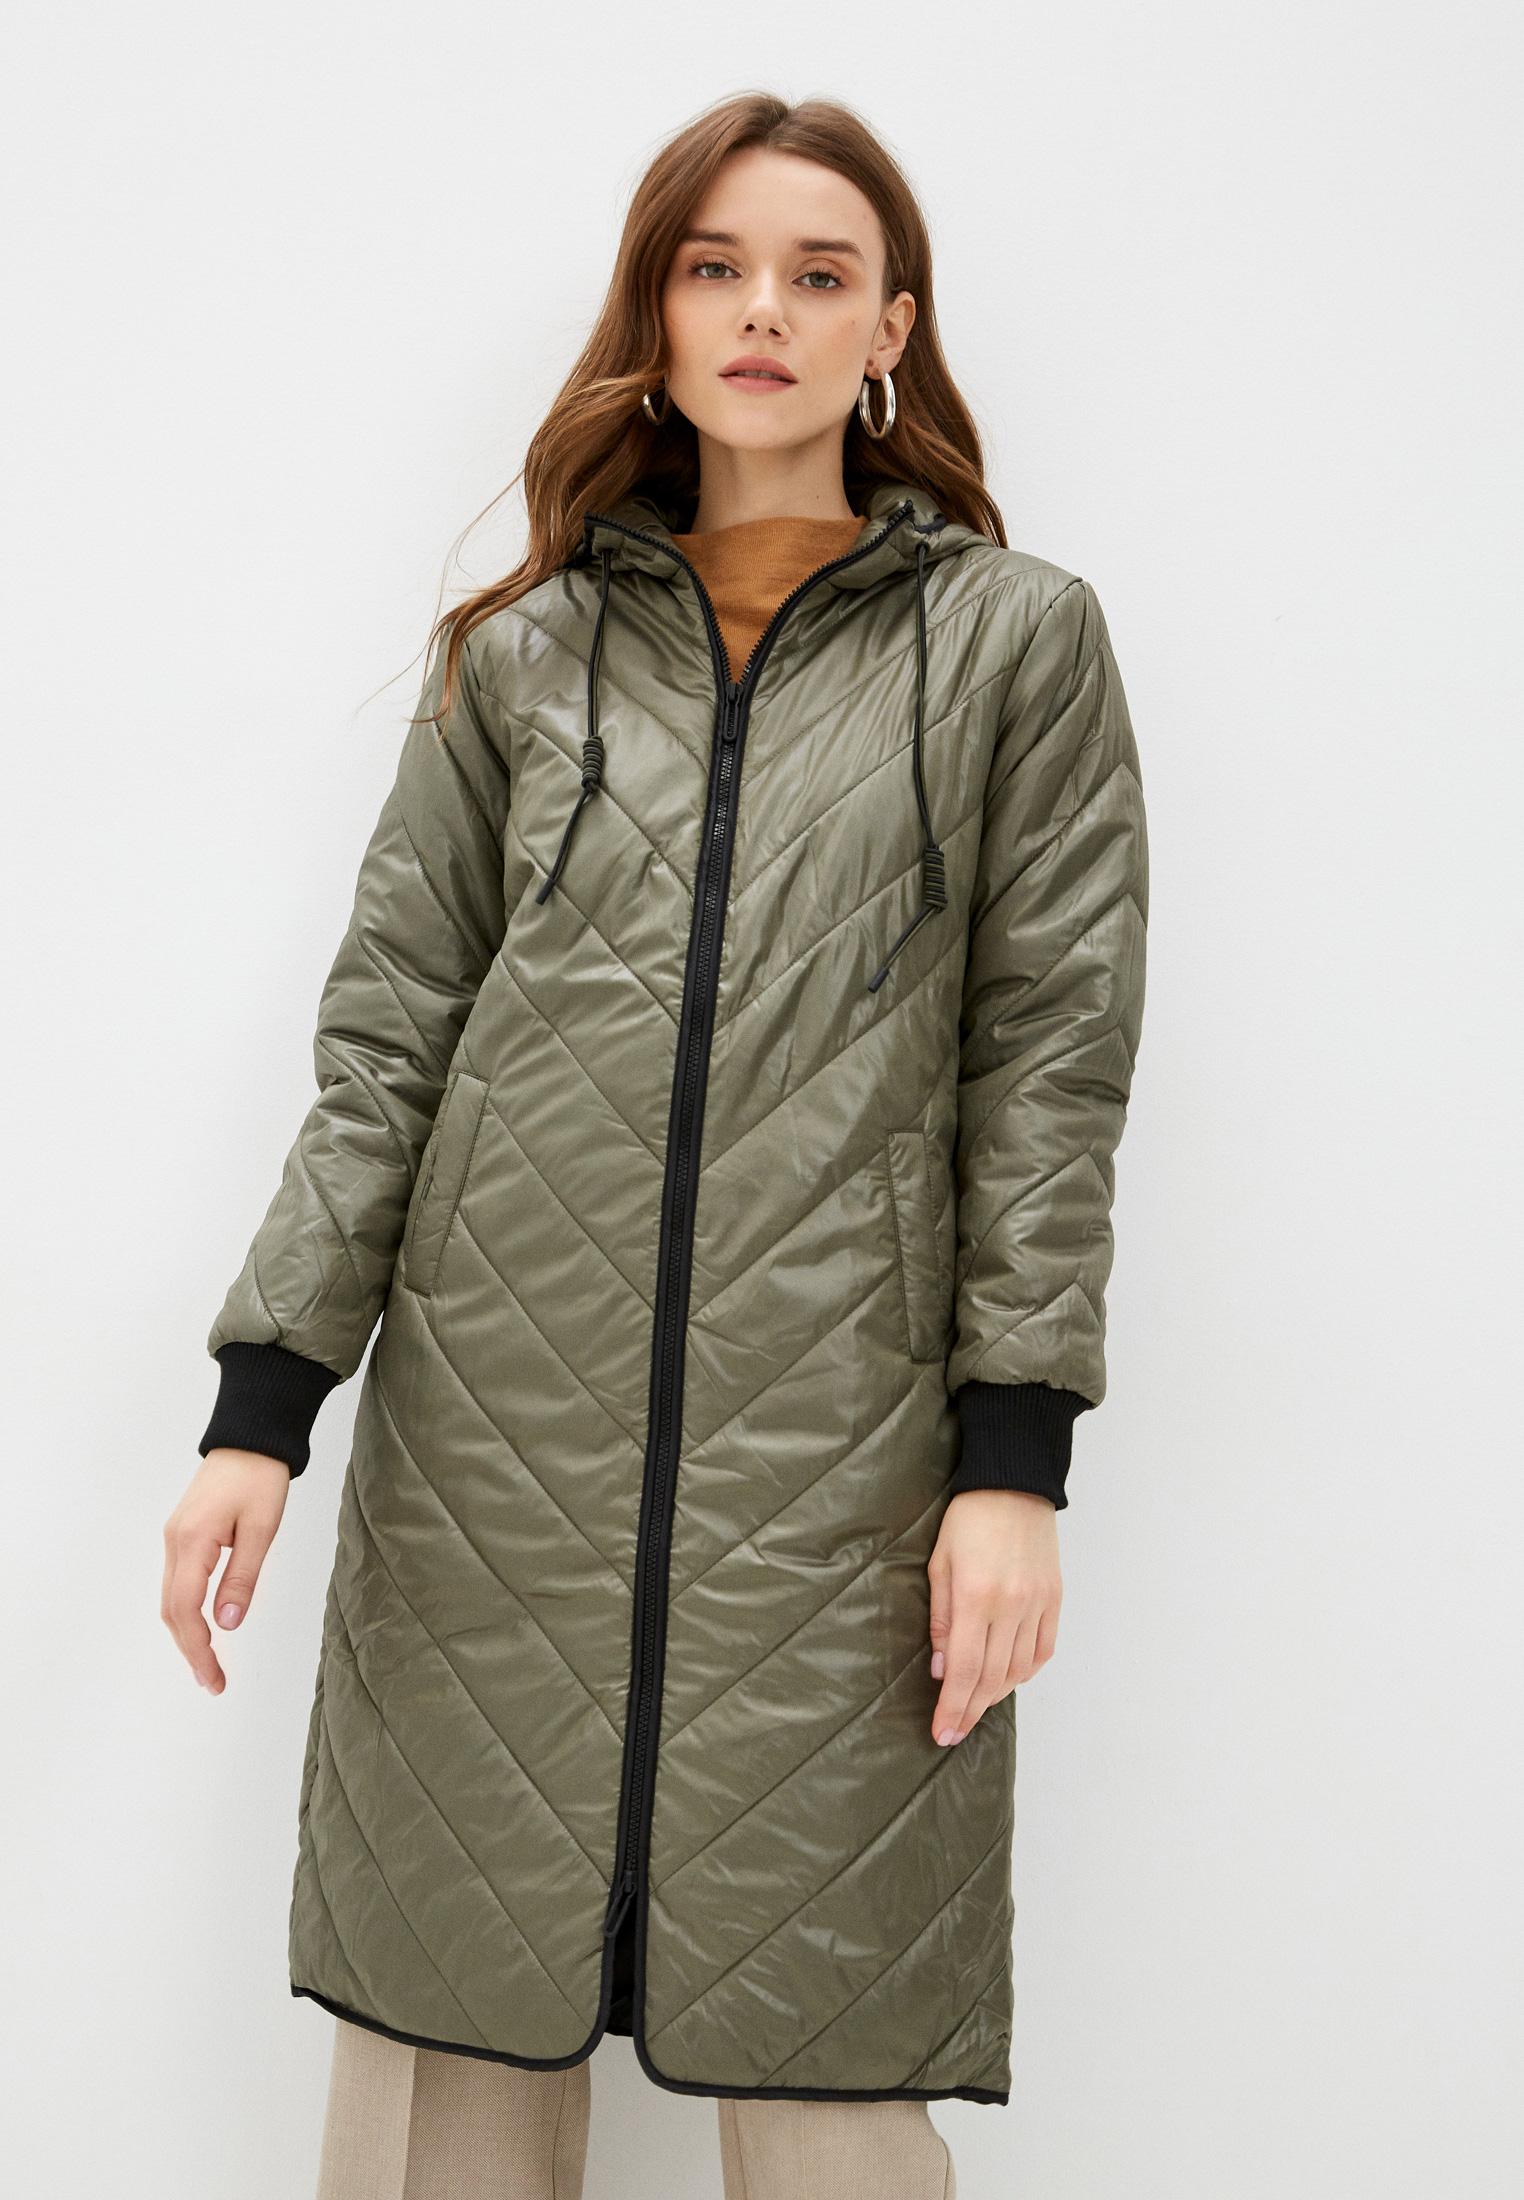 Куртка Zabaione NX-401-0033